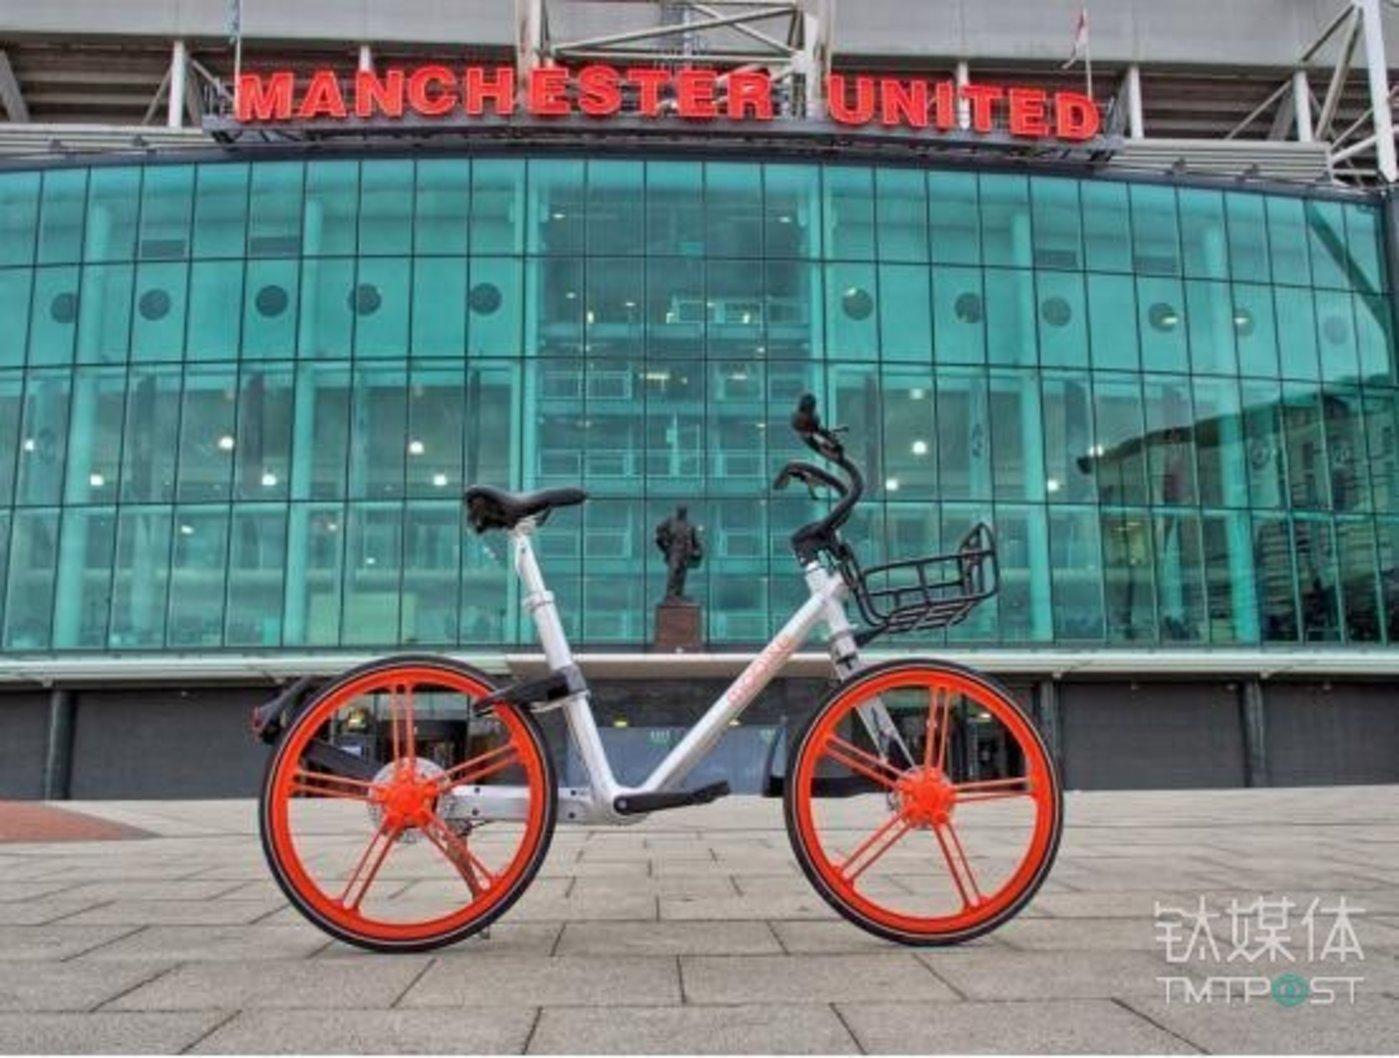 6月29日,摩拜单车开始在英国曼彻斯特投放首批单车。